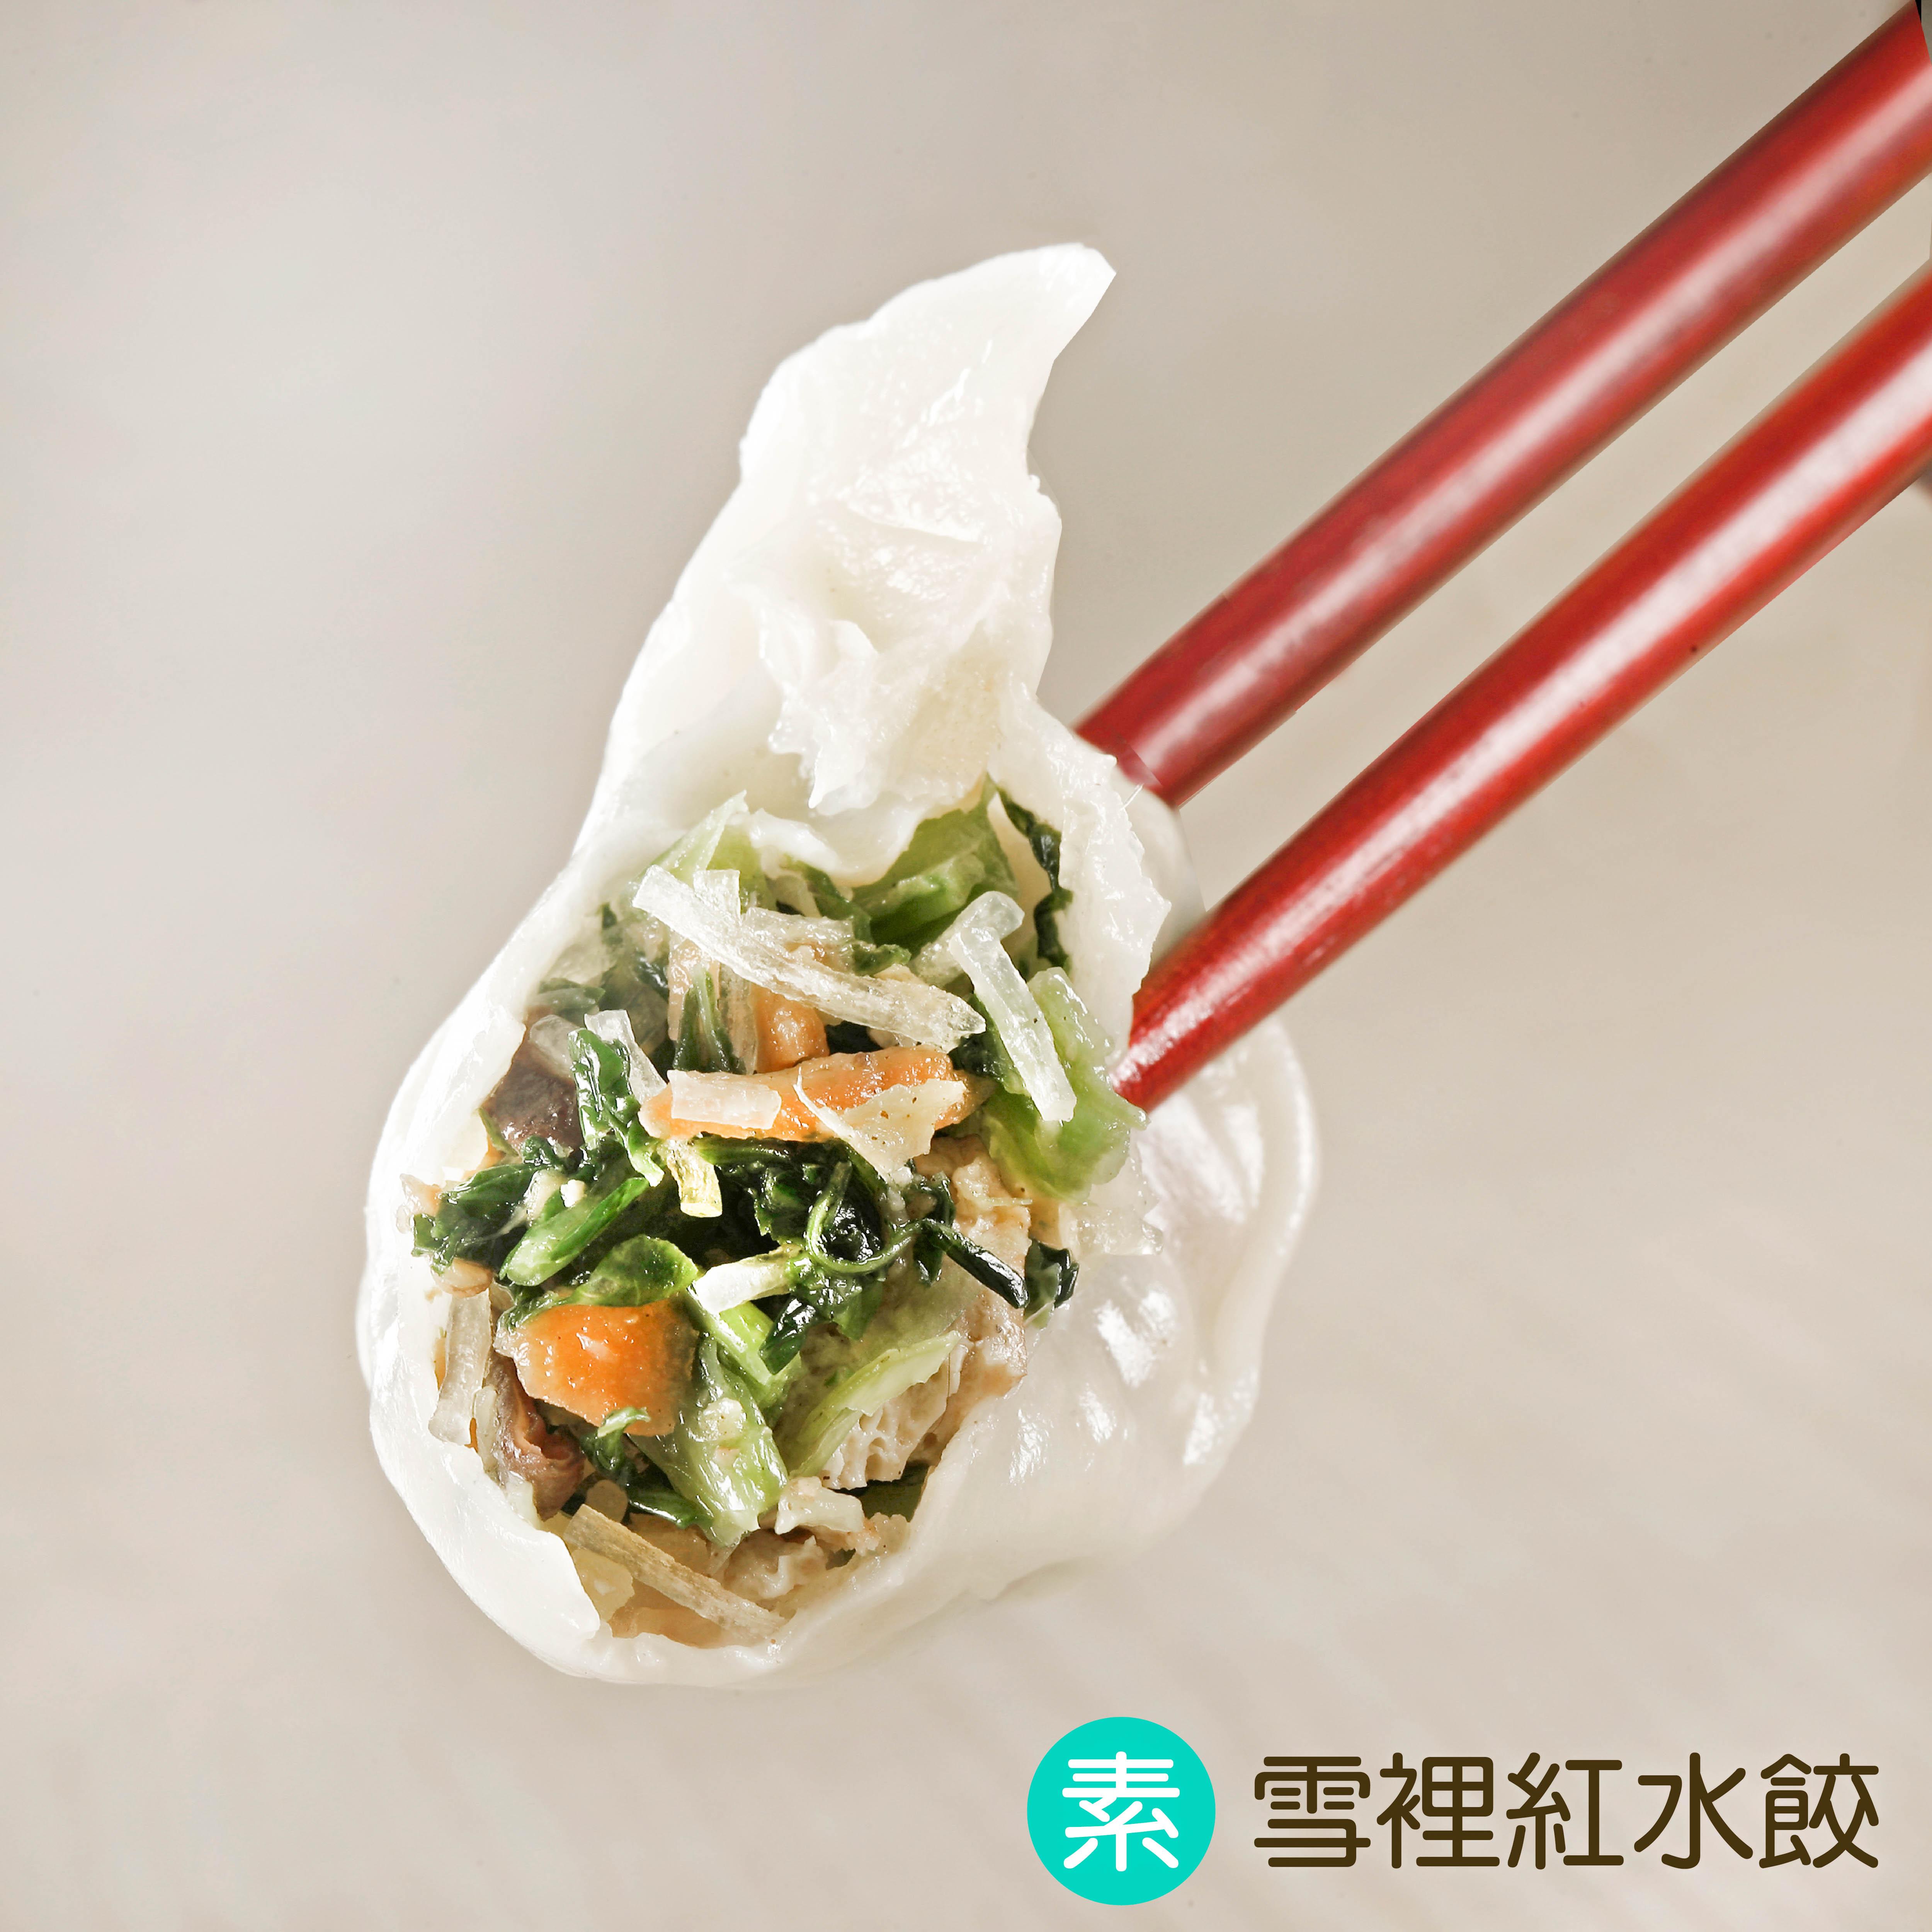 【田園時光組】杏鮑姑 雪菜 蔥肉 三種口味 每組 6盒 72入 兩組以上免運 純手工水餃